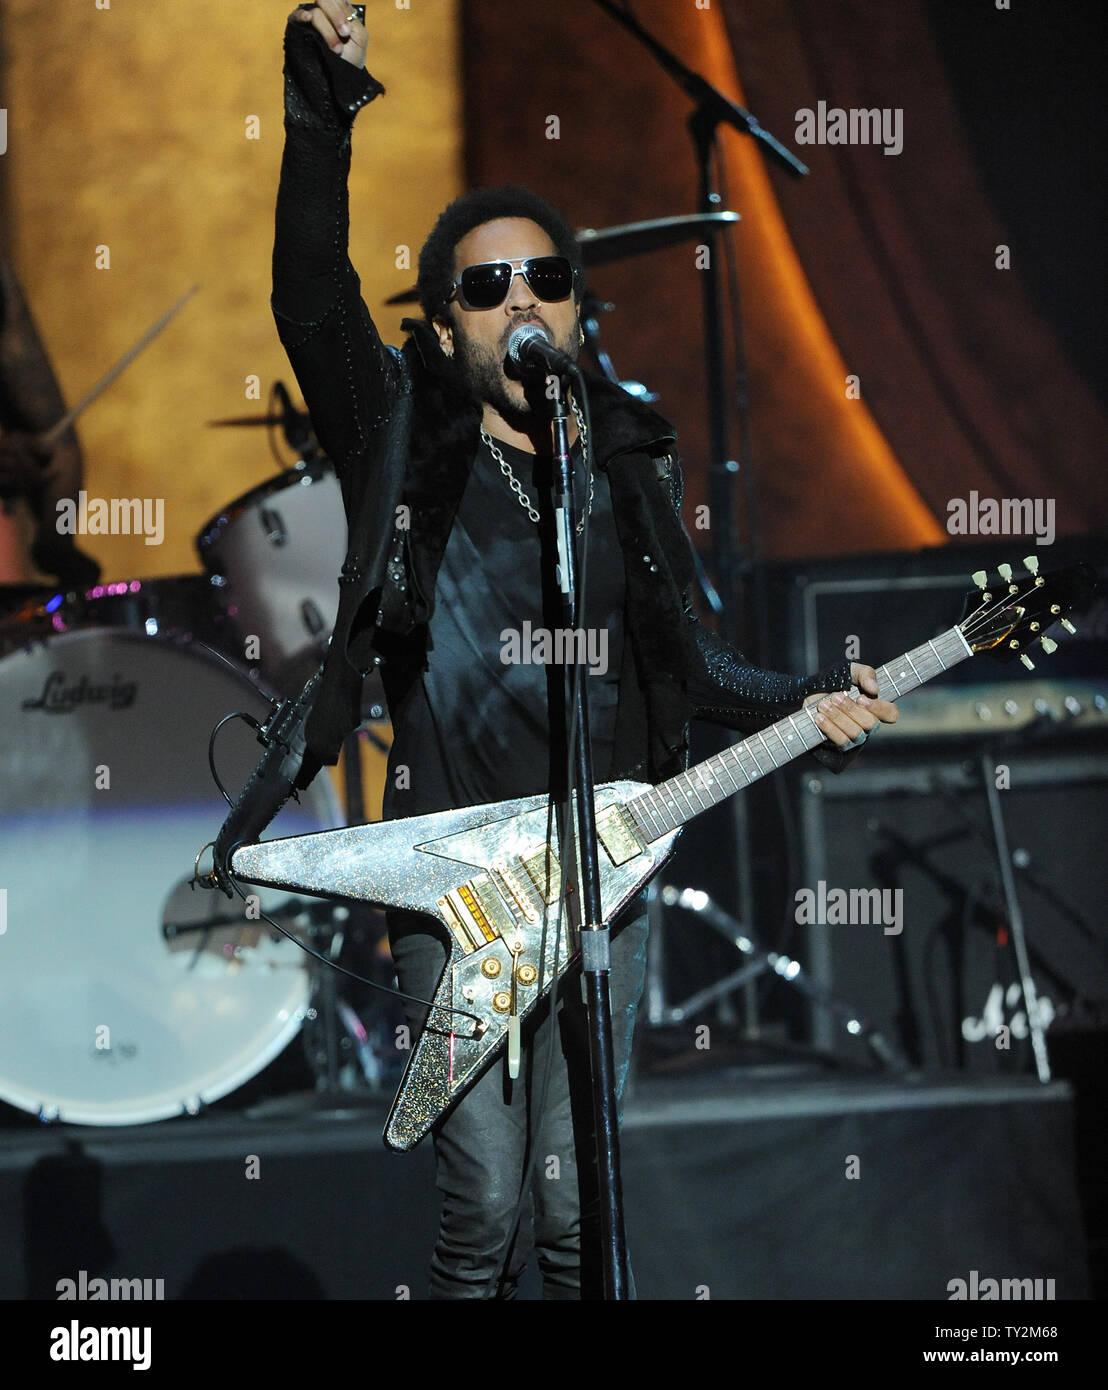 """El cantante Lenny Kravitz realiza """"blancos y negros en América/Vas a ir a mi manera"""" en el escenario en la 43ª NAACP Image Awards en el Shrine Auditorium en Los Ángeles el 17 de febrero de 2012. UPI/Jim Ruymen Imagen De Stock"""